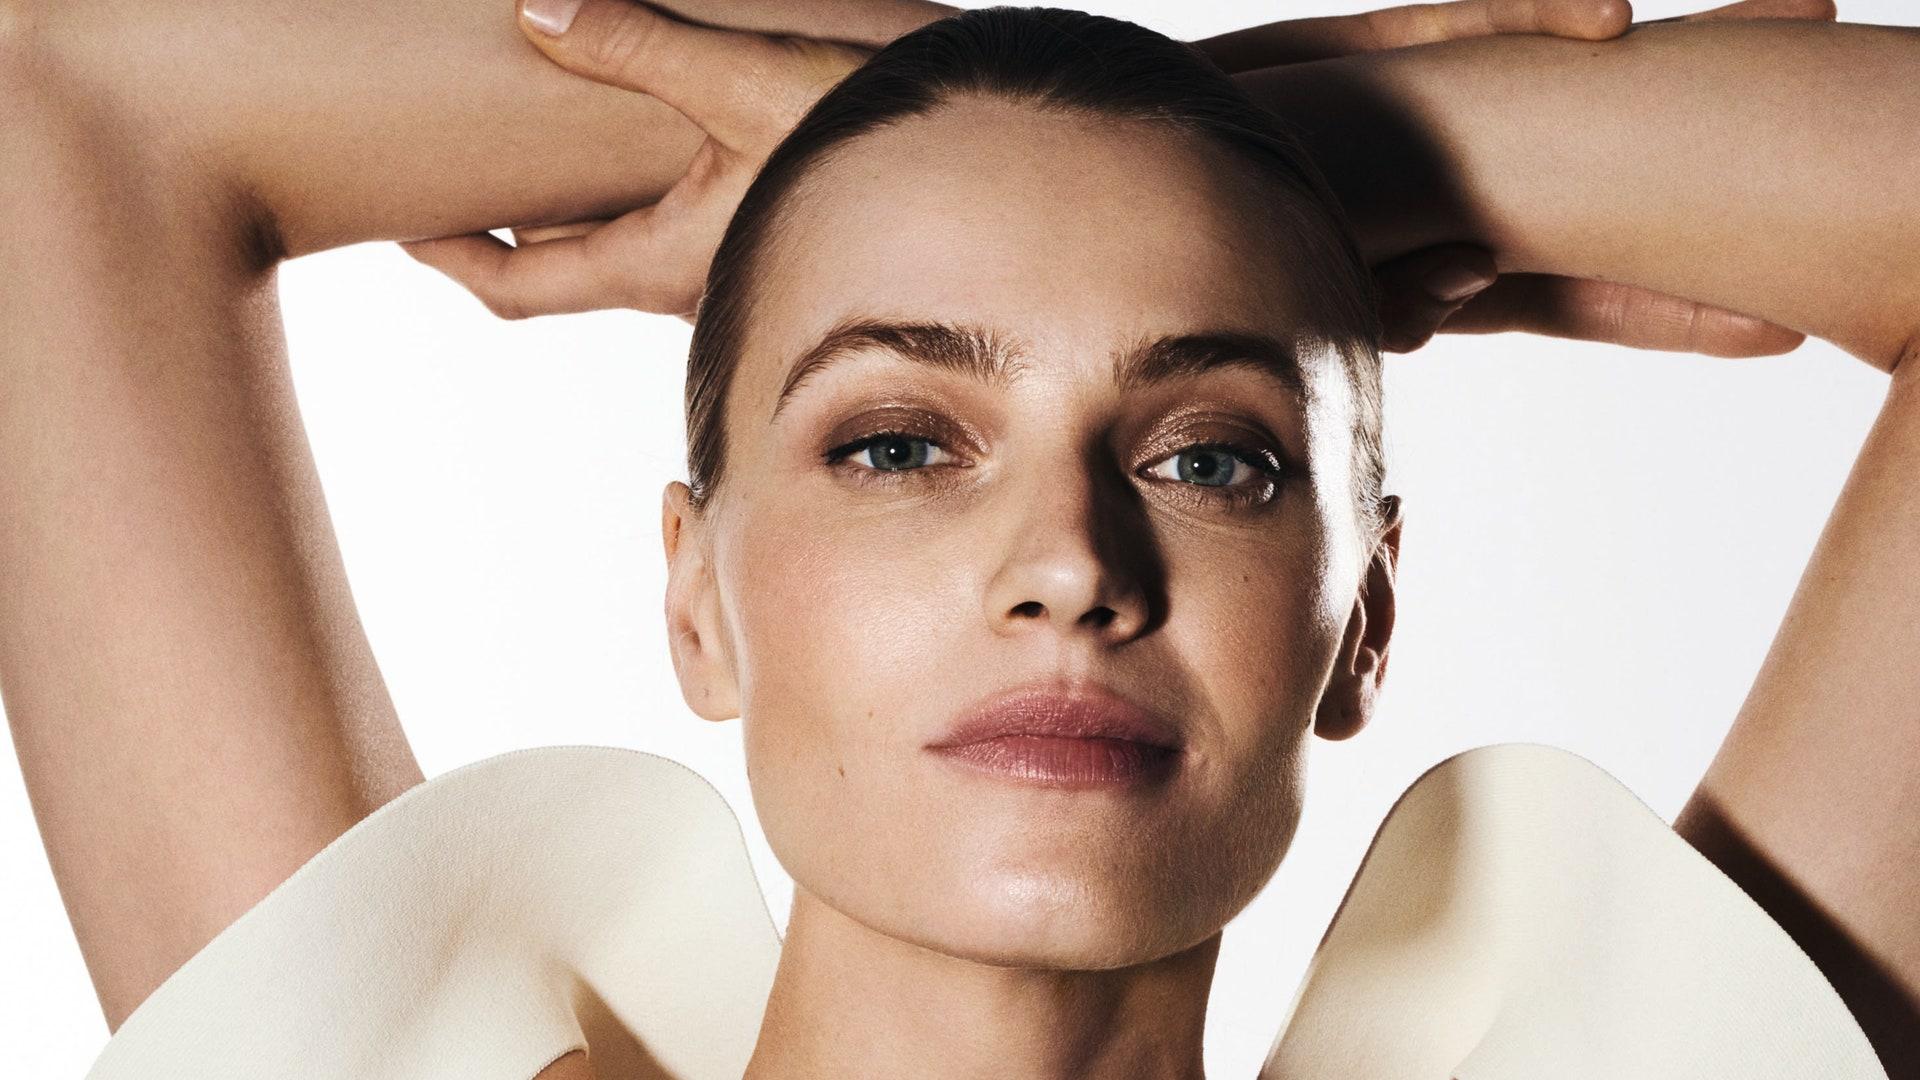 Самые эффективные процедуры для лица, тела, волос и зубов — большой гид Vogue